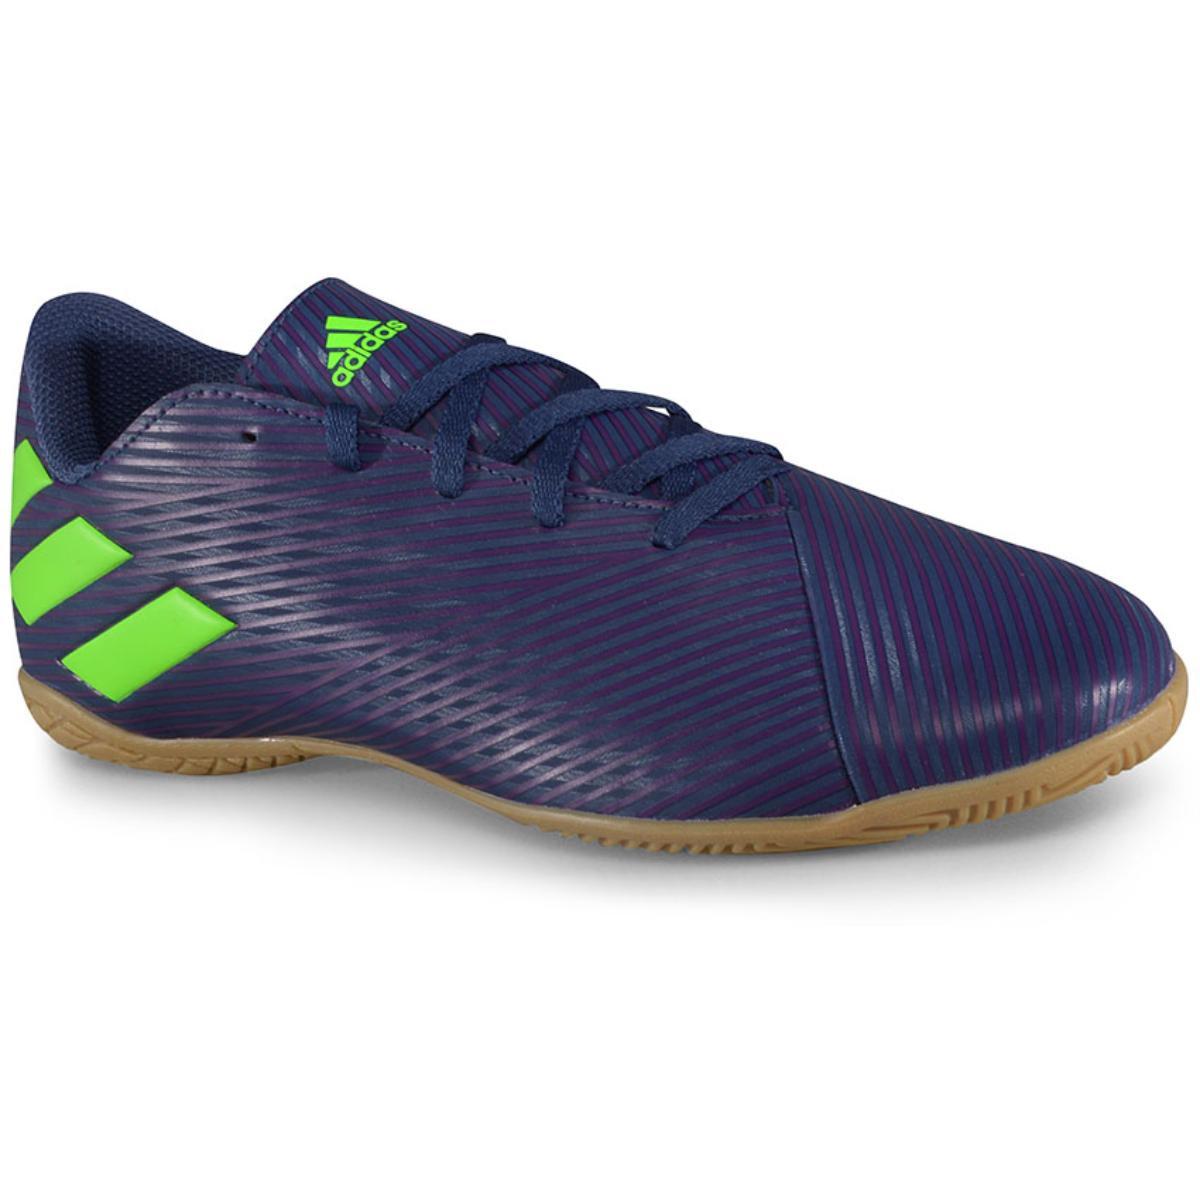 Tênis Masculino Adidas Ef1810 Nmz Messi 19.4 in Marinho/roxo/limão